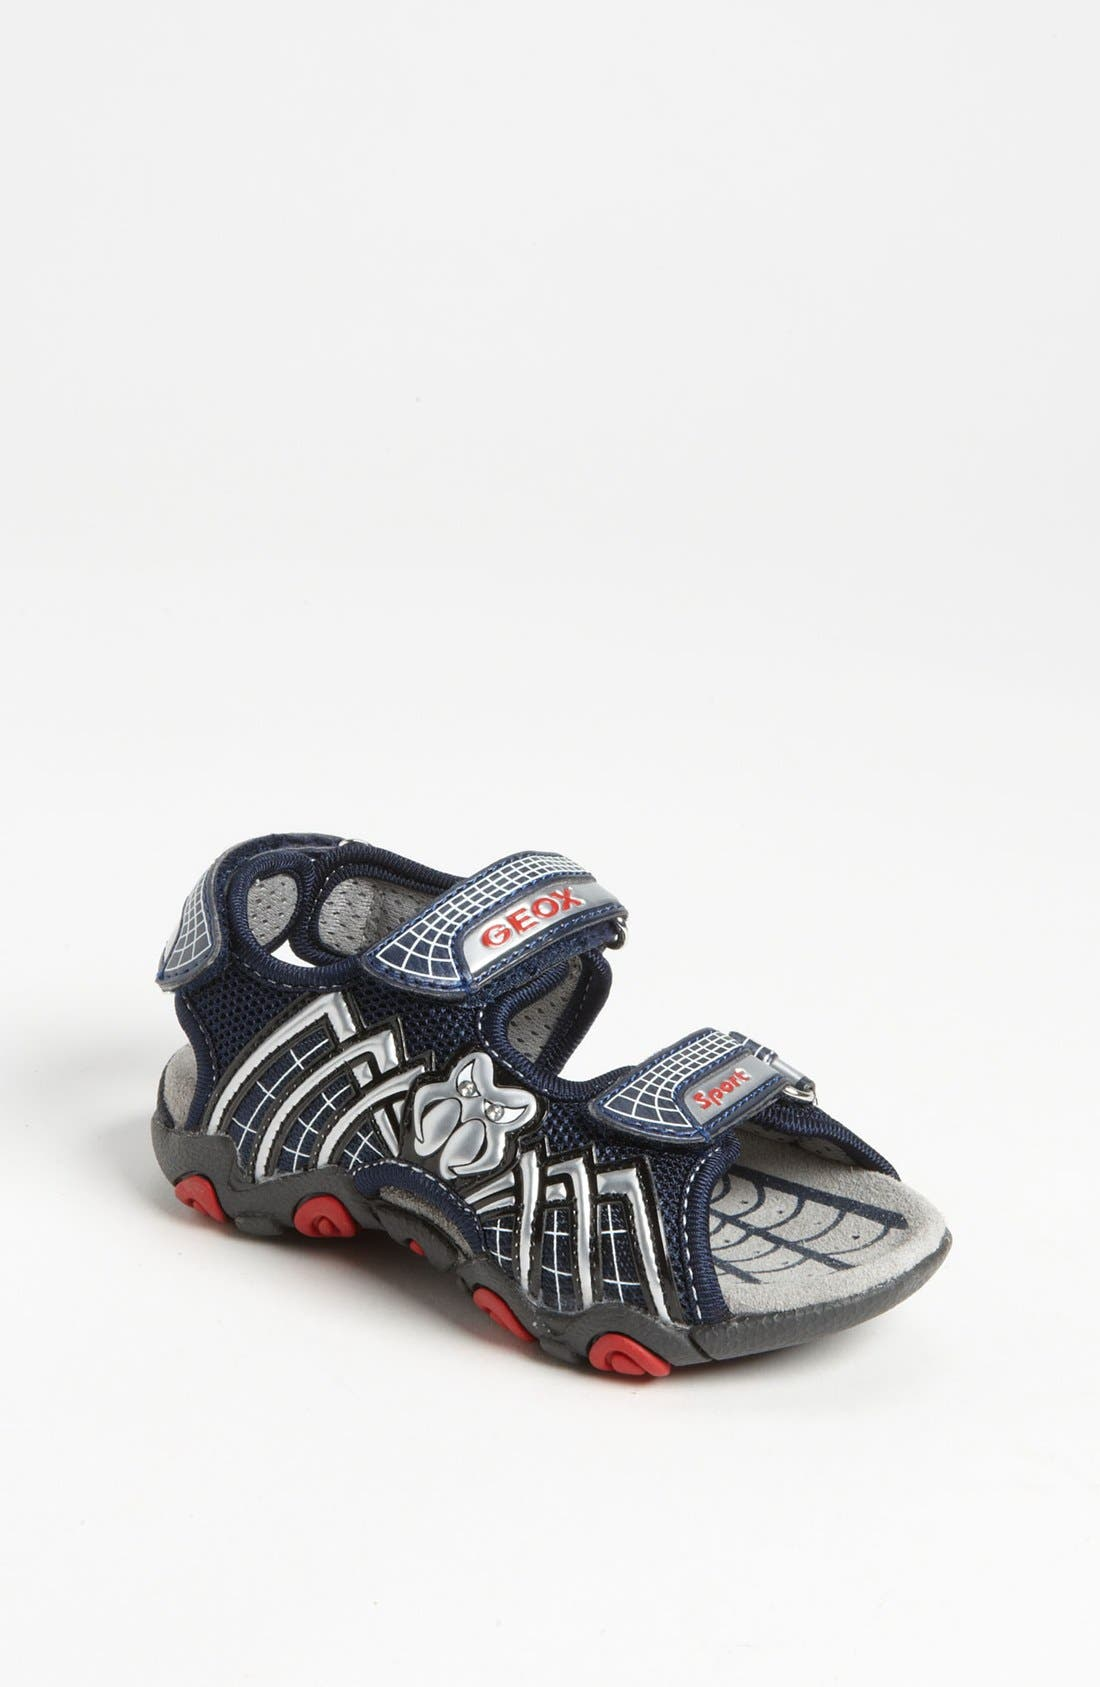 Main Image - Geox 'Strike' Sandal (Toddler)